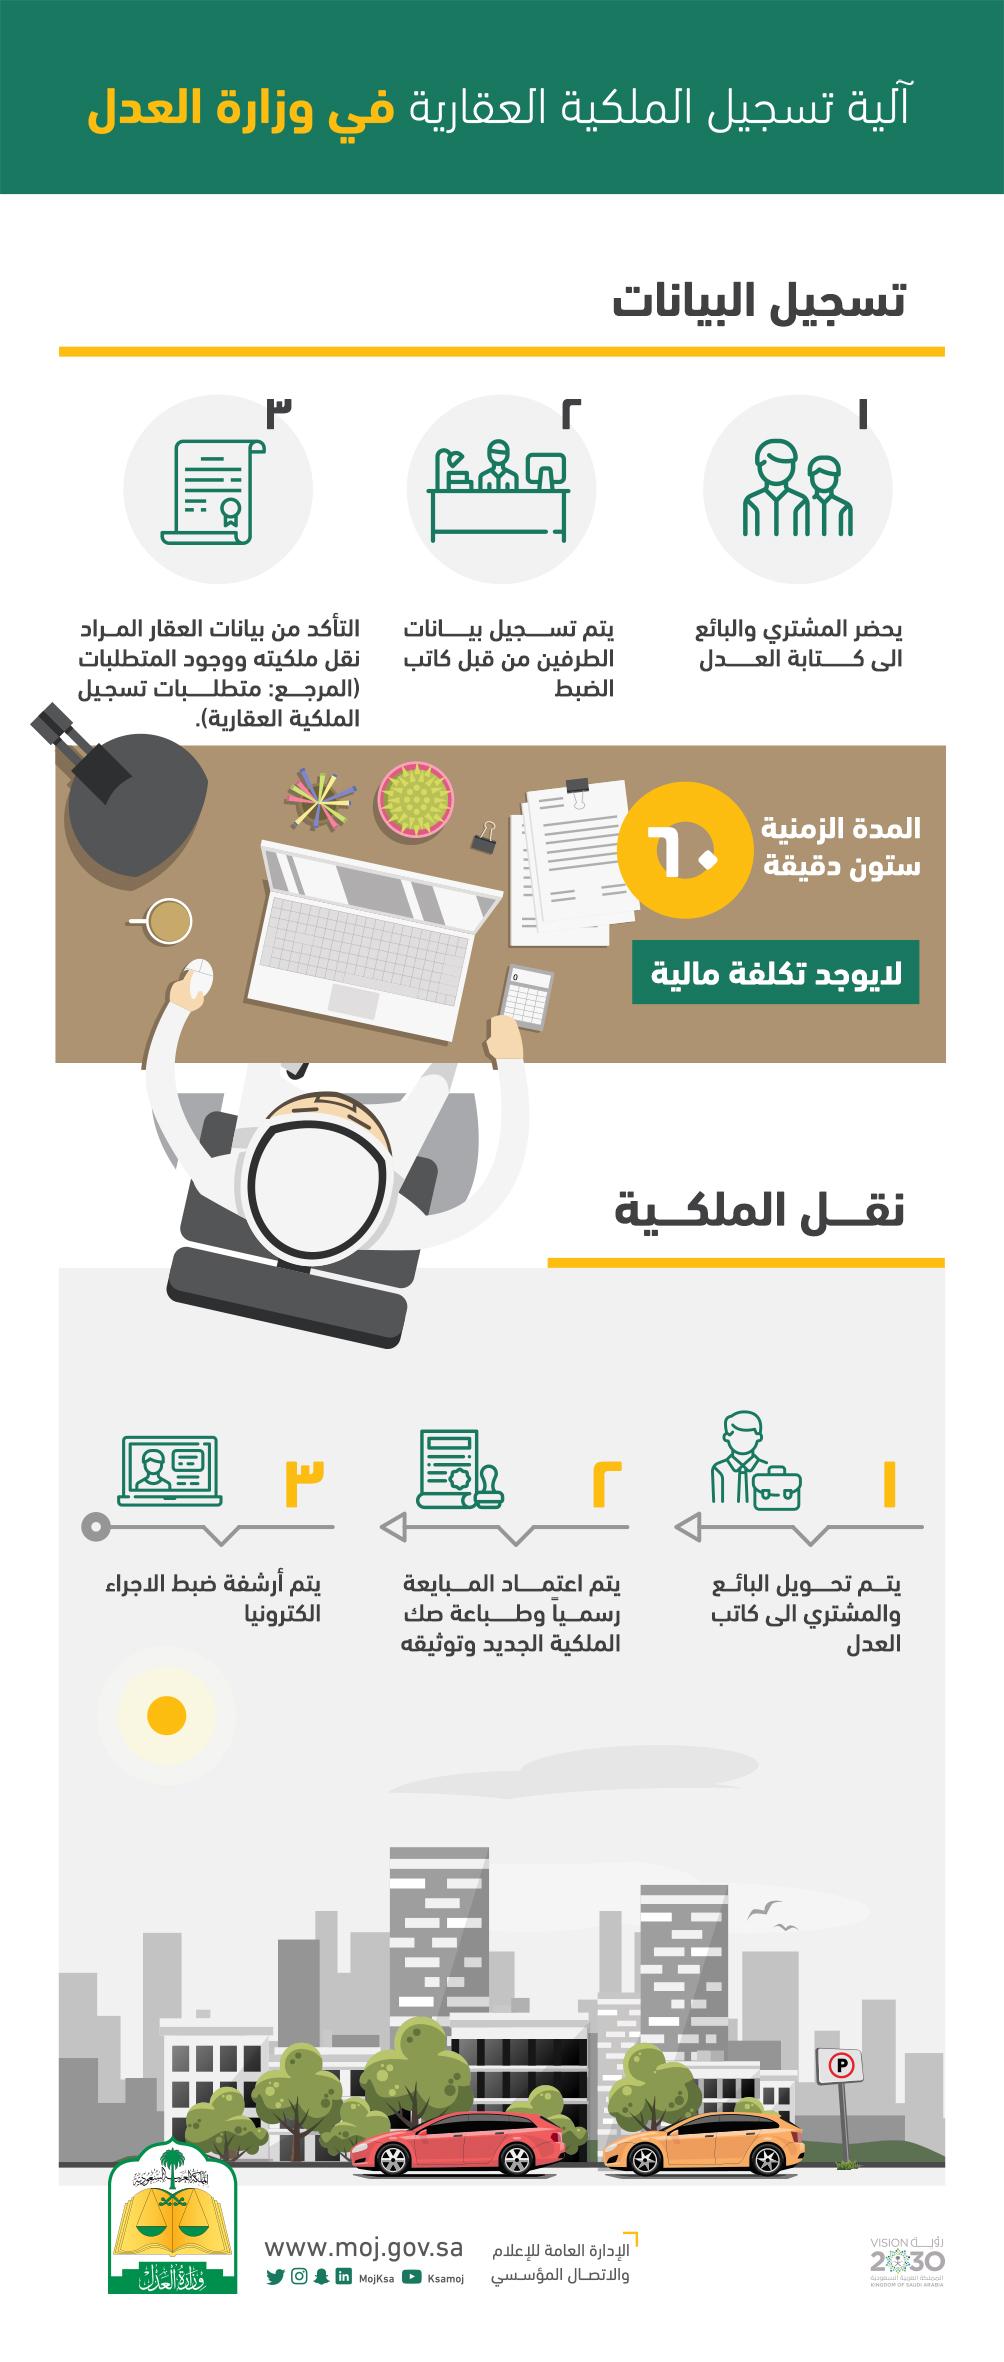 خدمات تسجيل الملكية والإفراغ العقاري